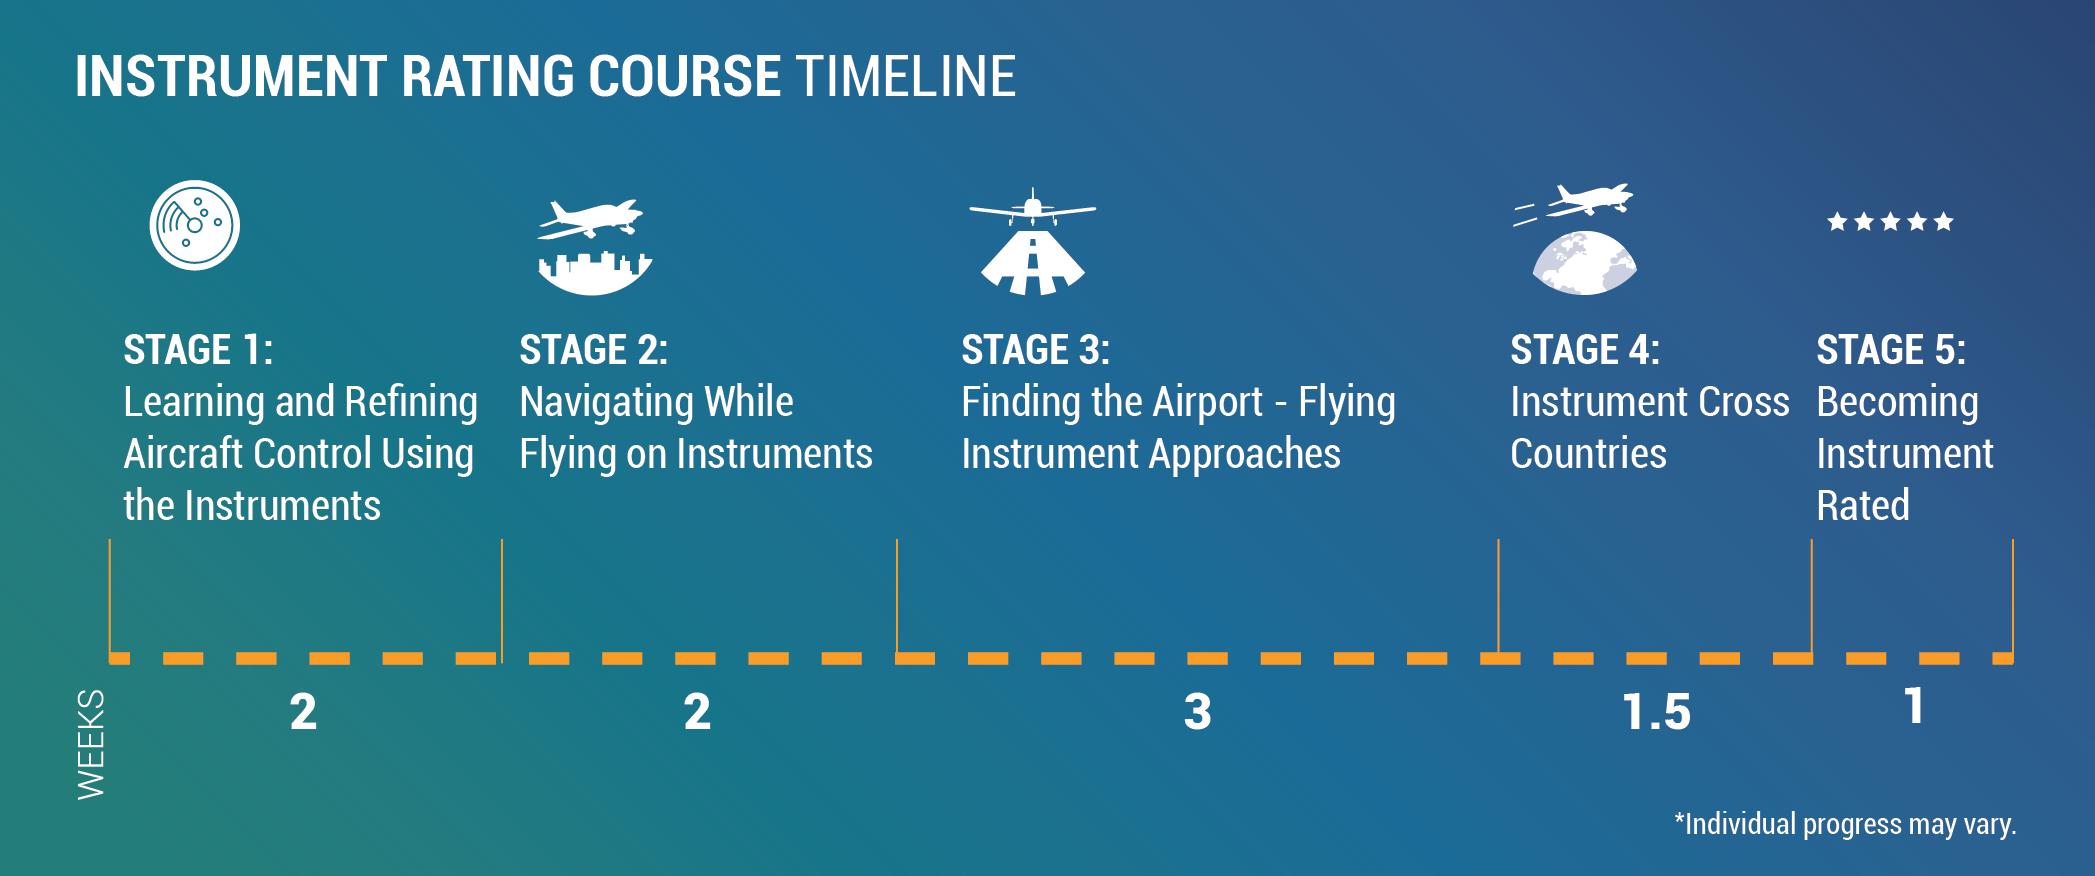 Instrumental Rating Course Timeline